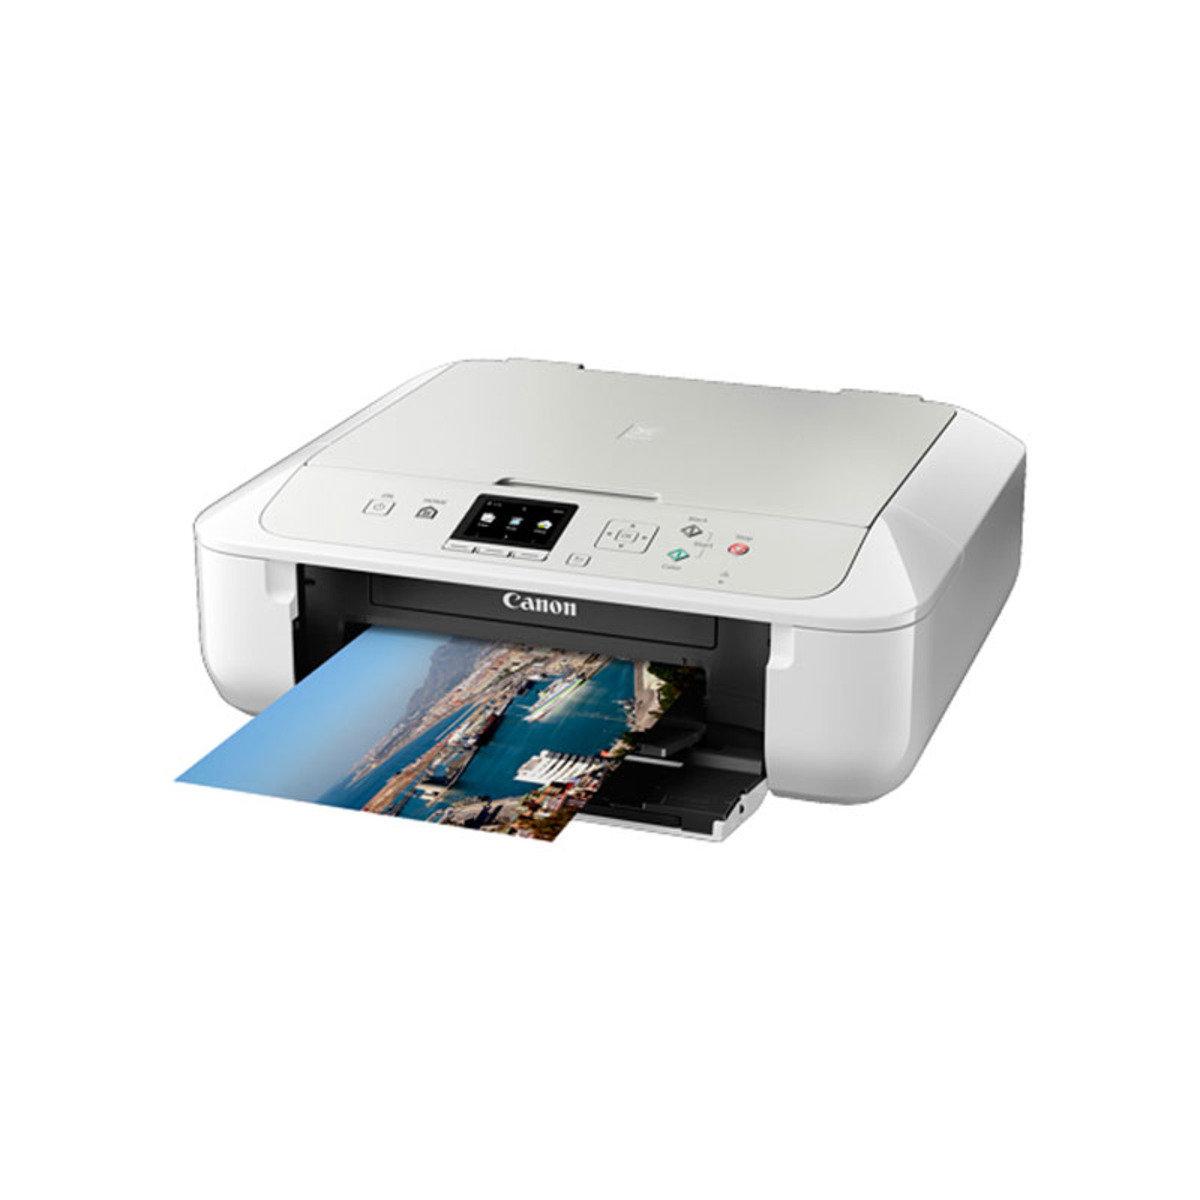 彩色打印 掃瞄 影印 多合一噴墨相片打印機 MG5770 白色